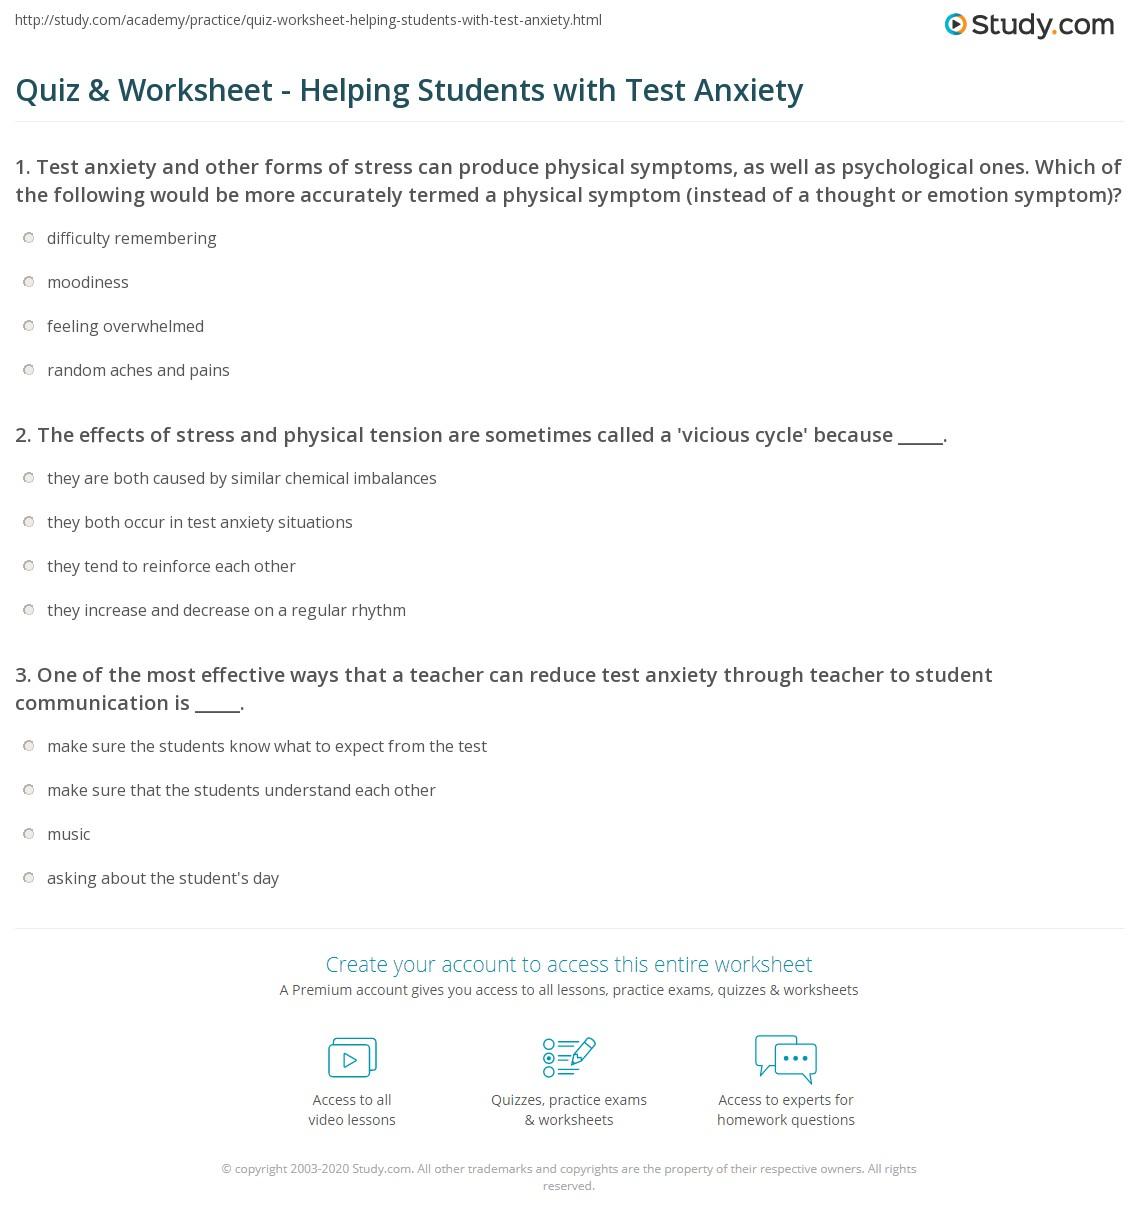 Worksheet Anxiety Worksheets For Kids Worksheet Fun